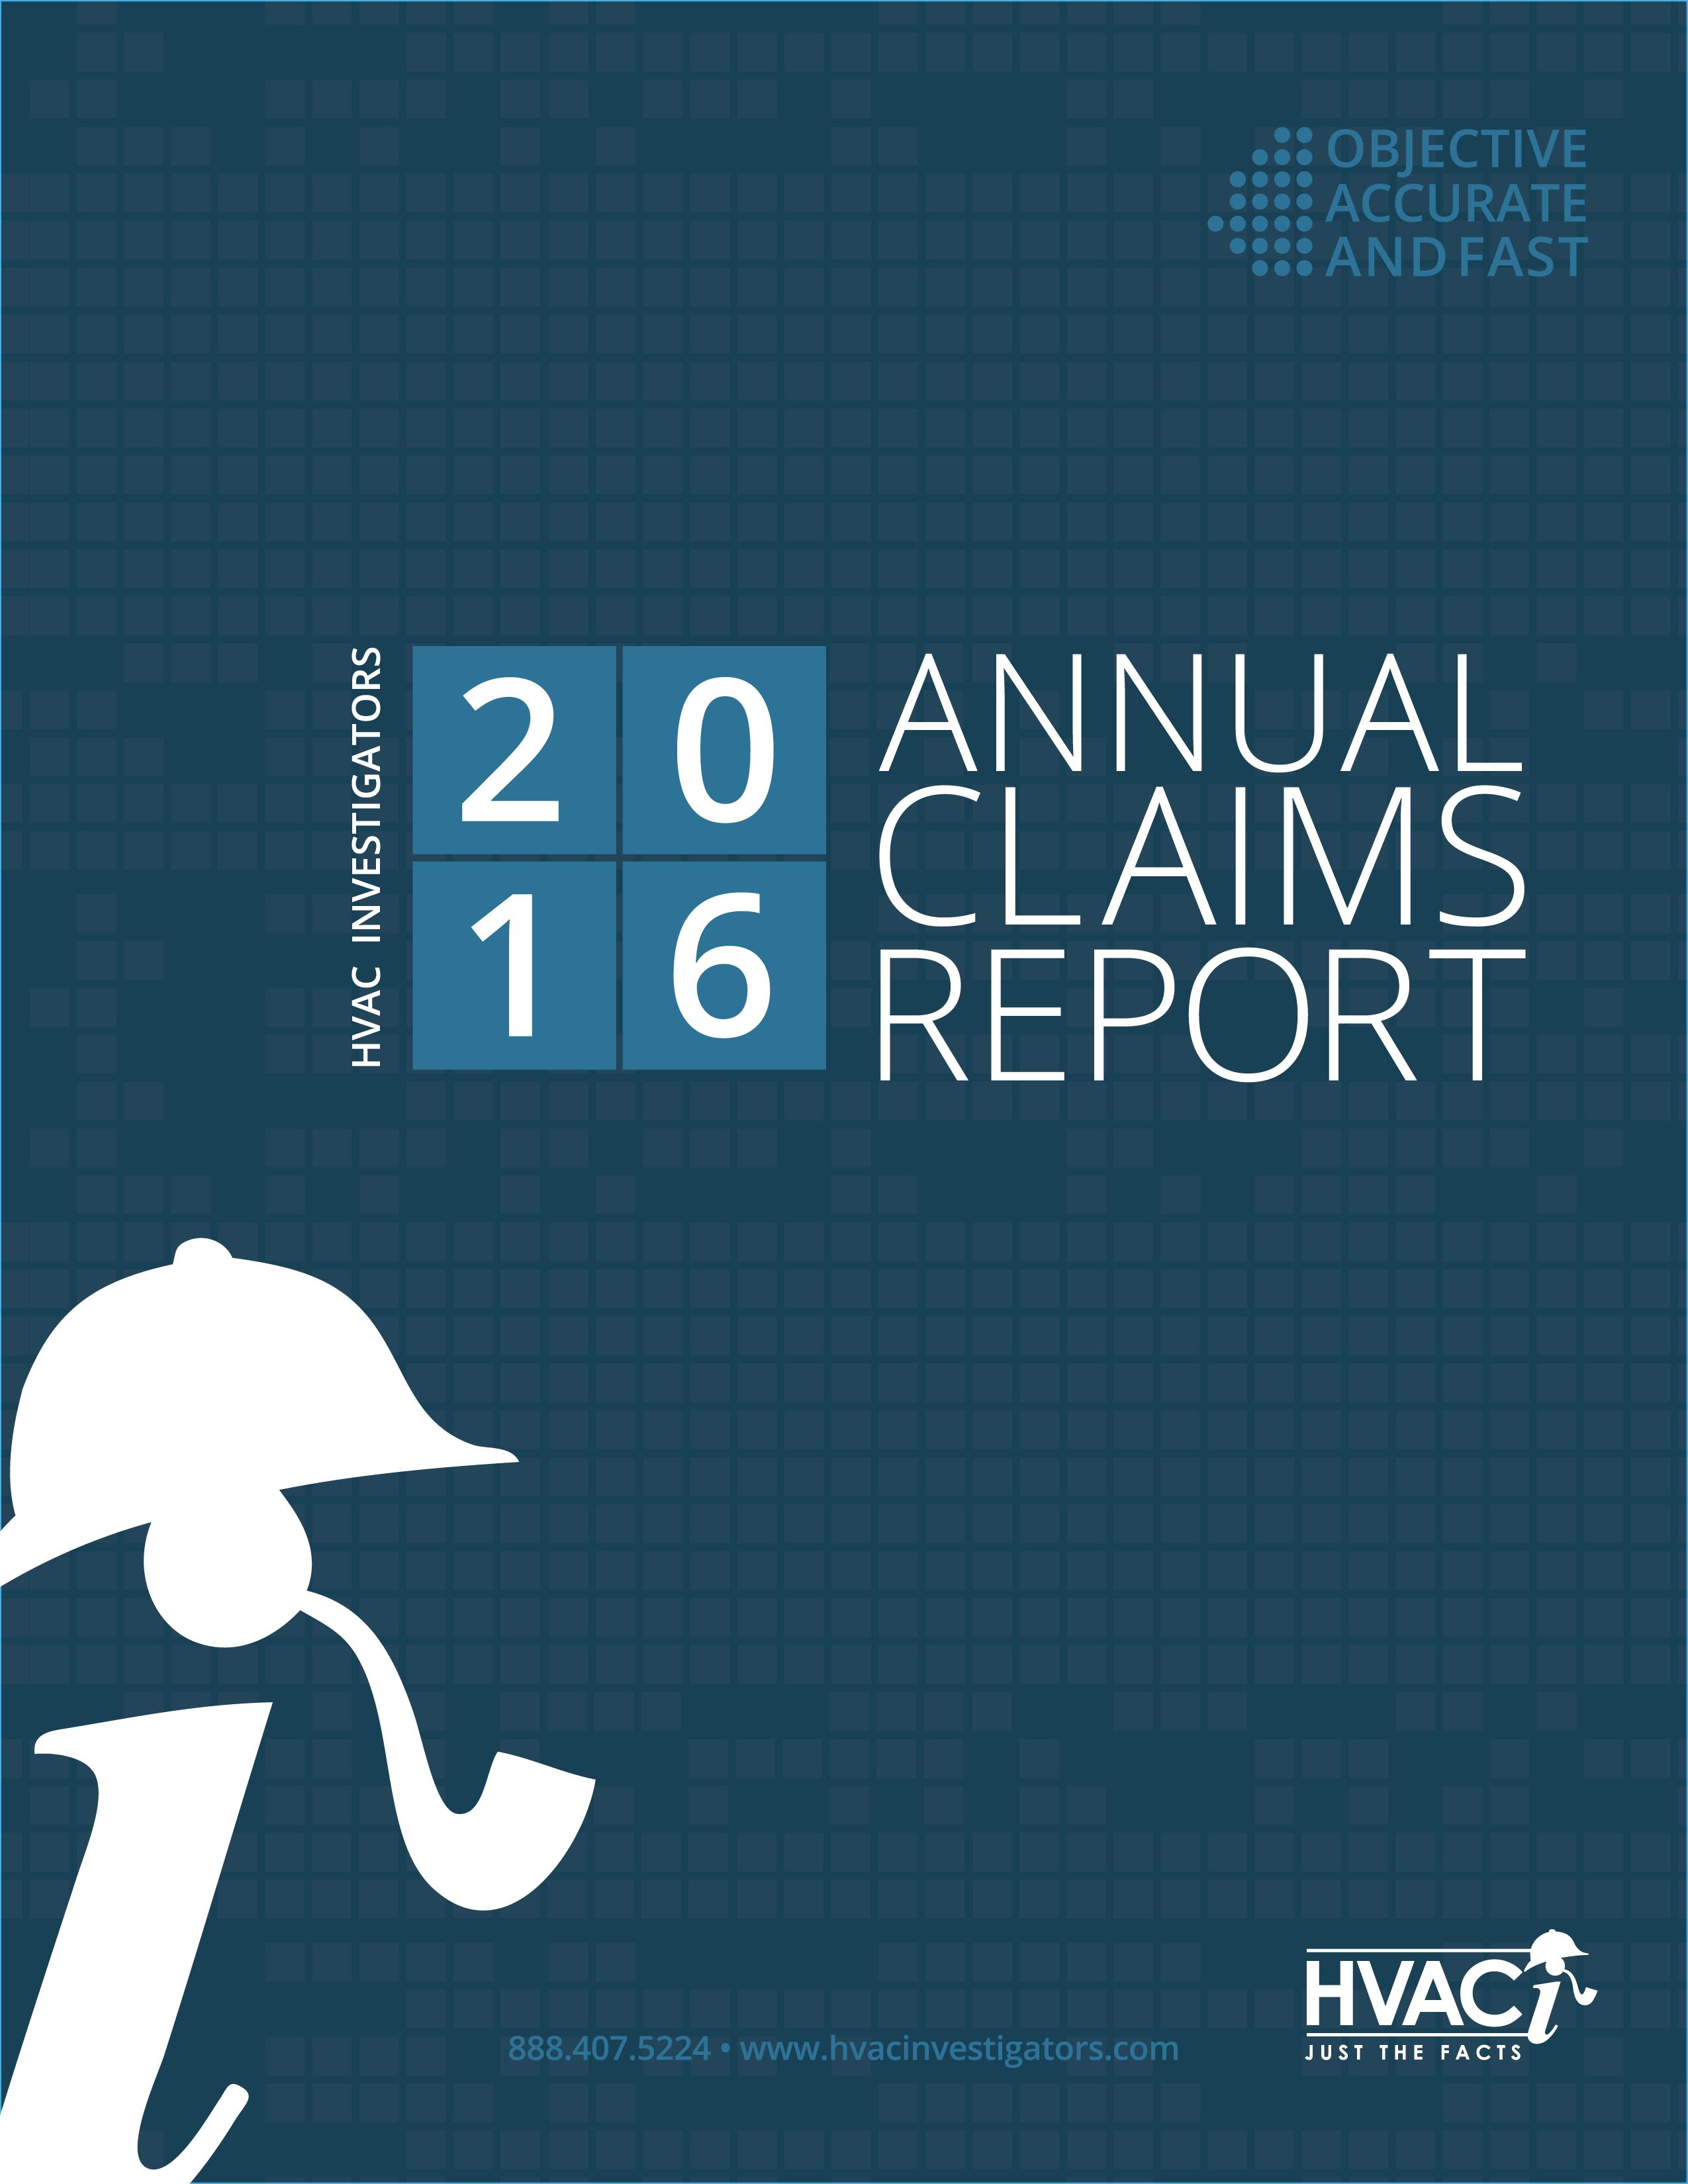 HVAC Investigators 2016 Annual Claims Report